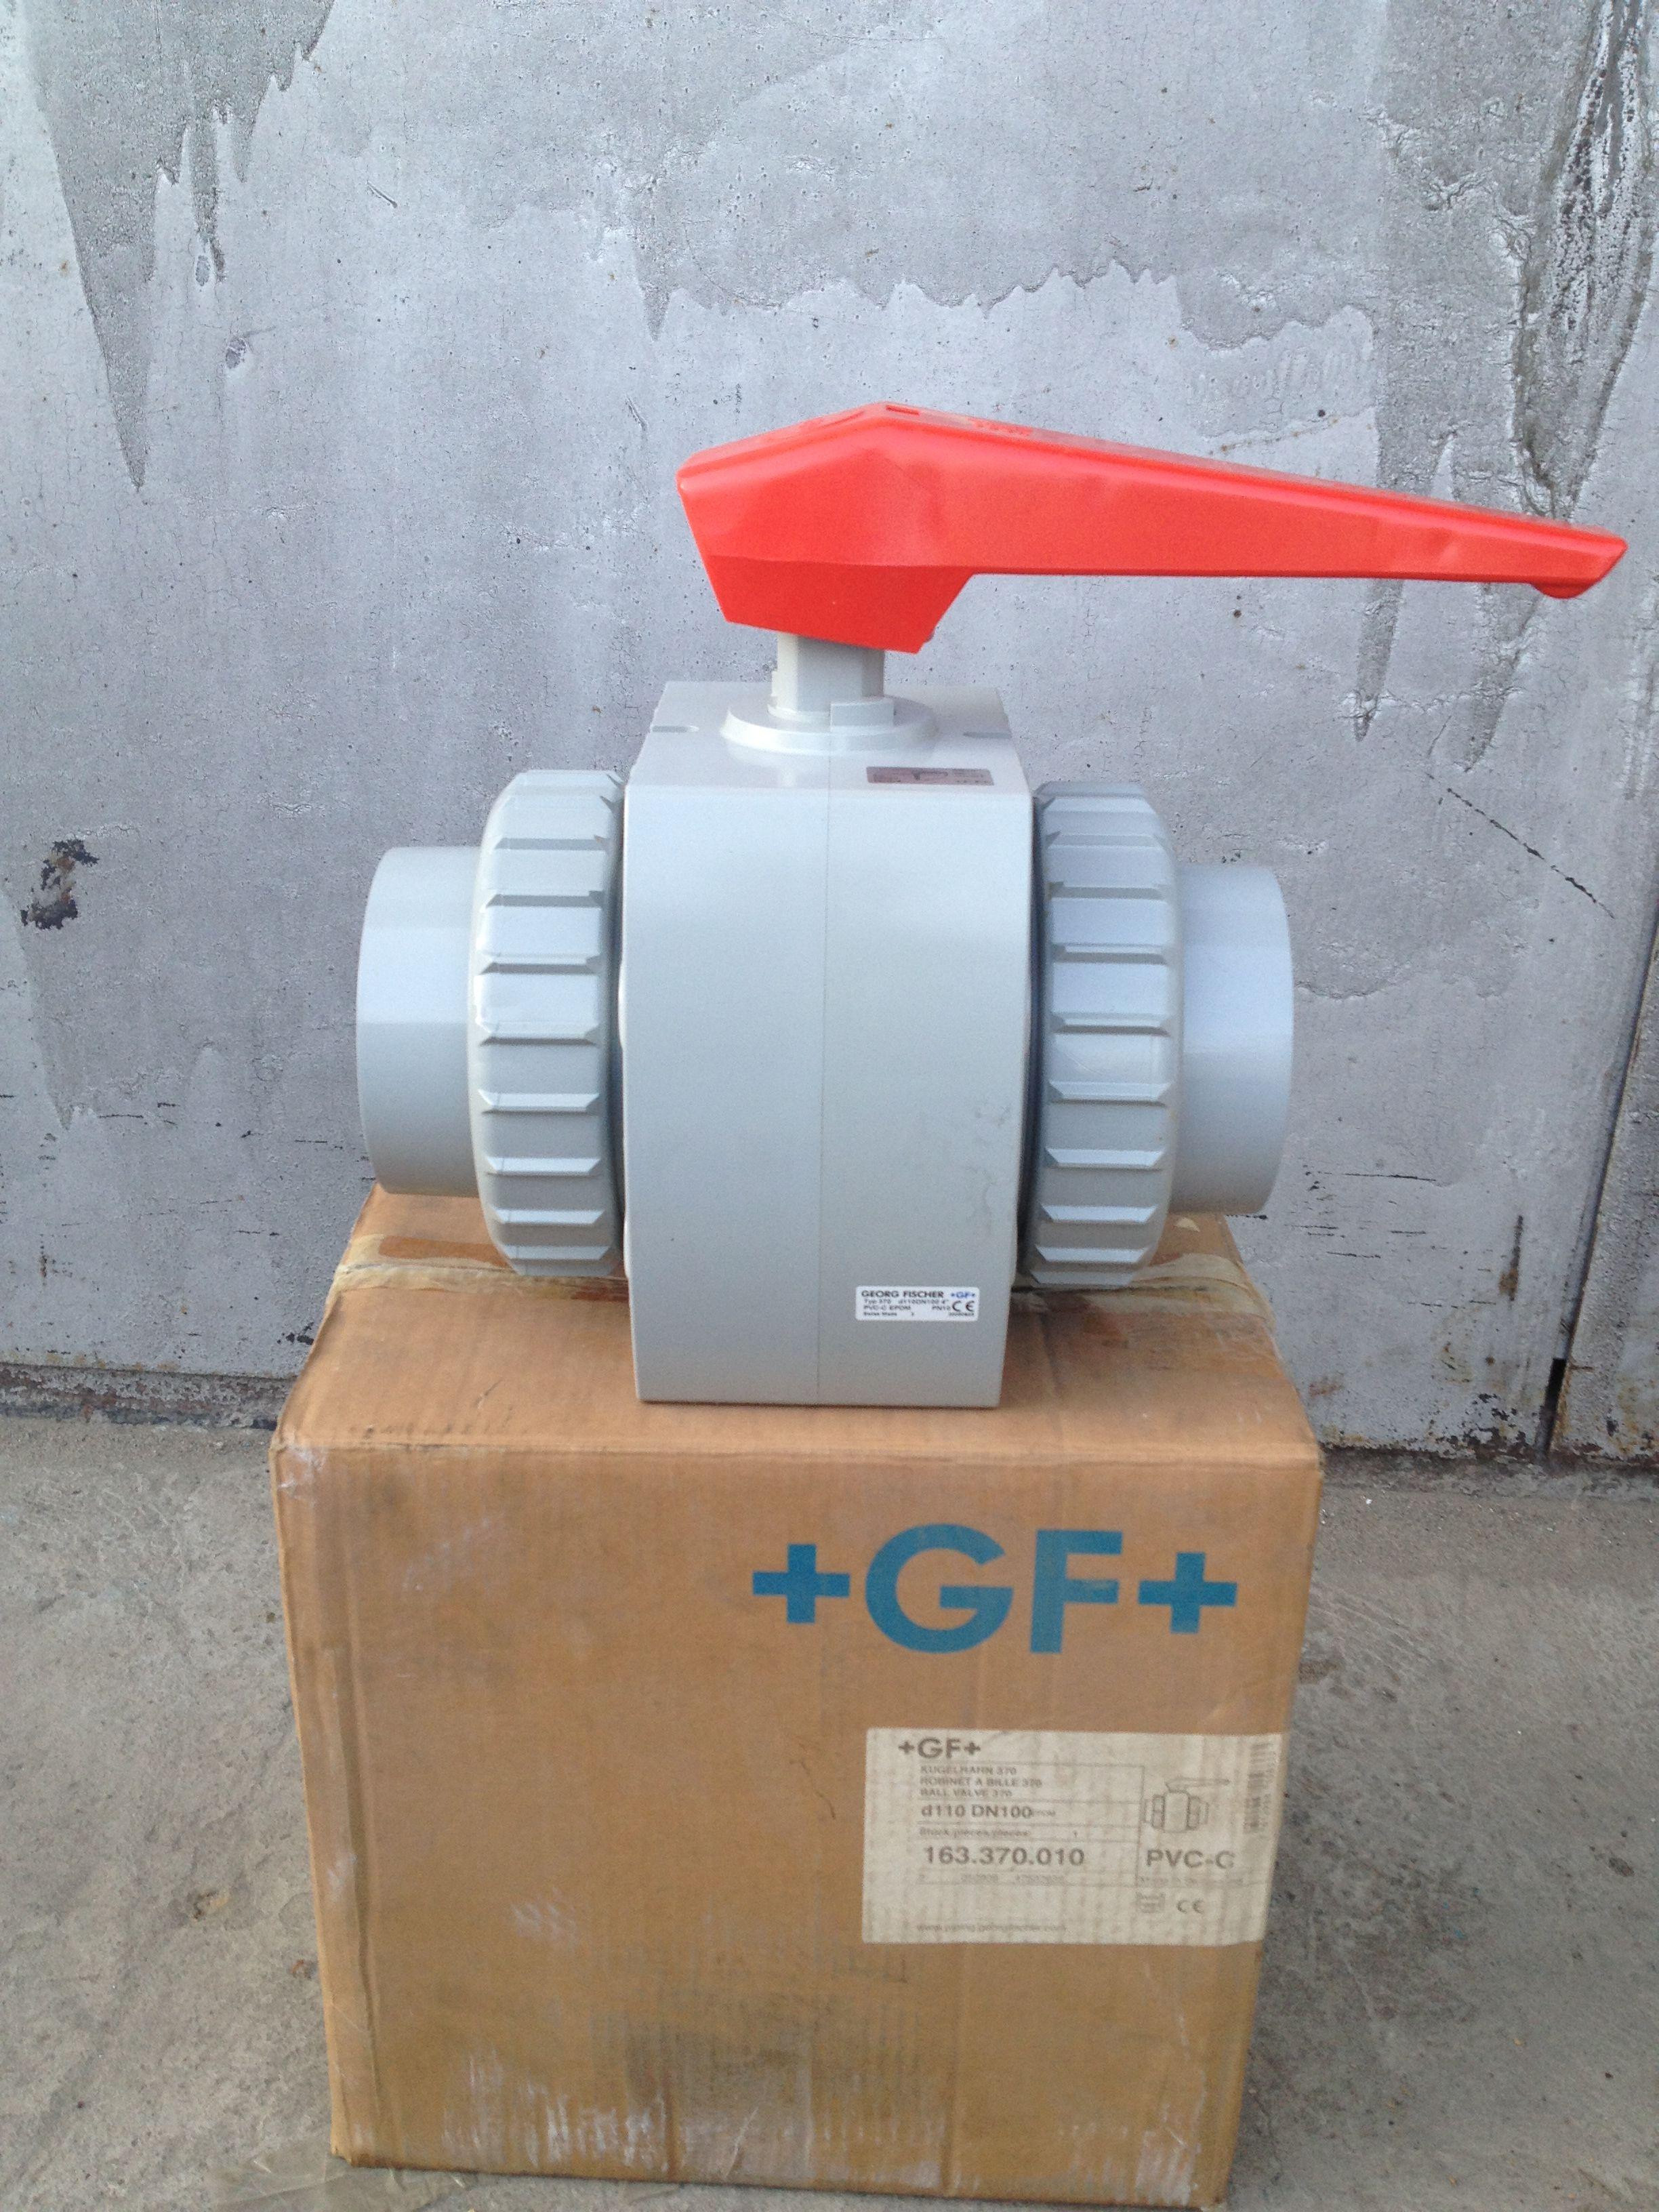 Шаровый кран +GF+ Kugelhahn 370 PVC-C  d-110 DN 100 | Шаровый кран +GF+ Kugelhahn 370 PVC-C  d-110 DN 100 | http://energo-74.ru/images/IMG_0897.JPG